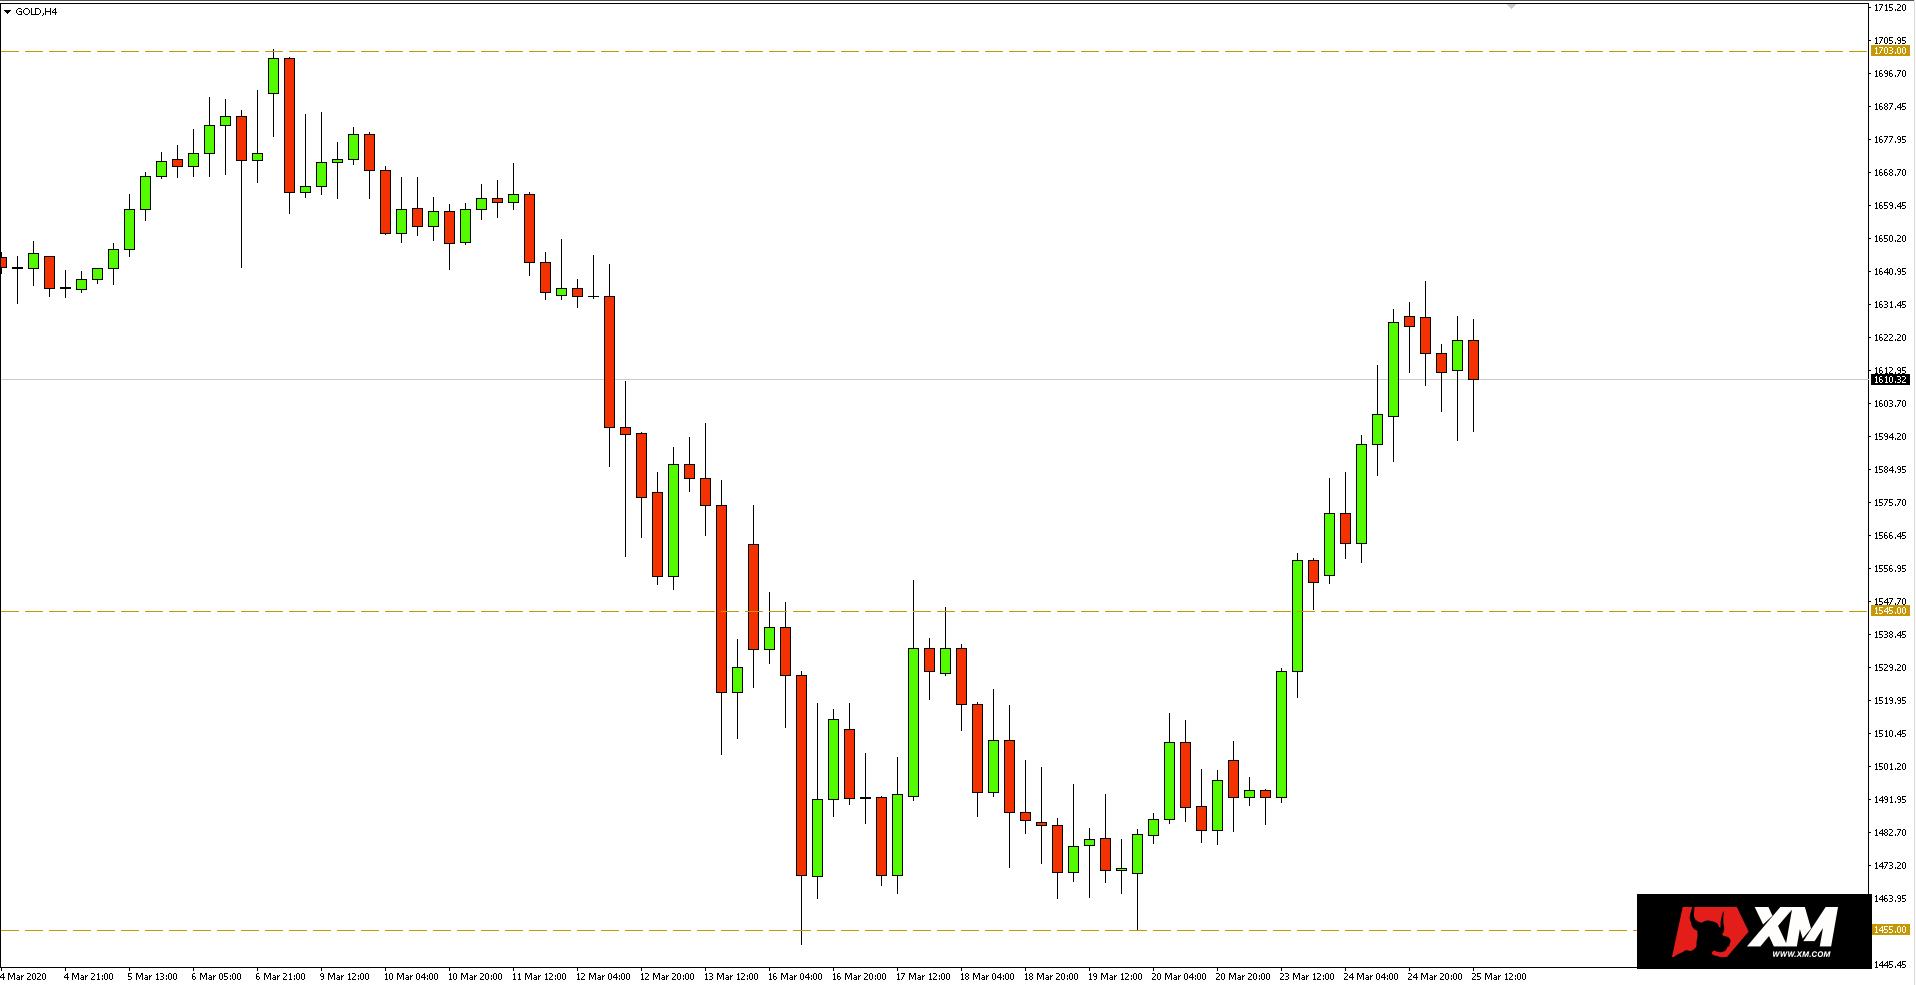 Wykres 4-godzinny kursu złota - 25 marca 2020 r.